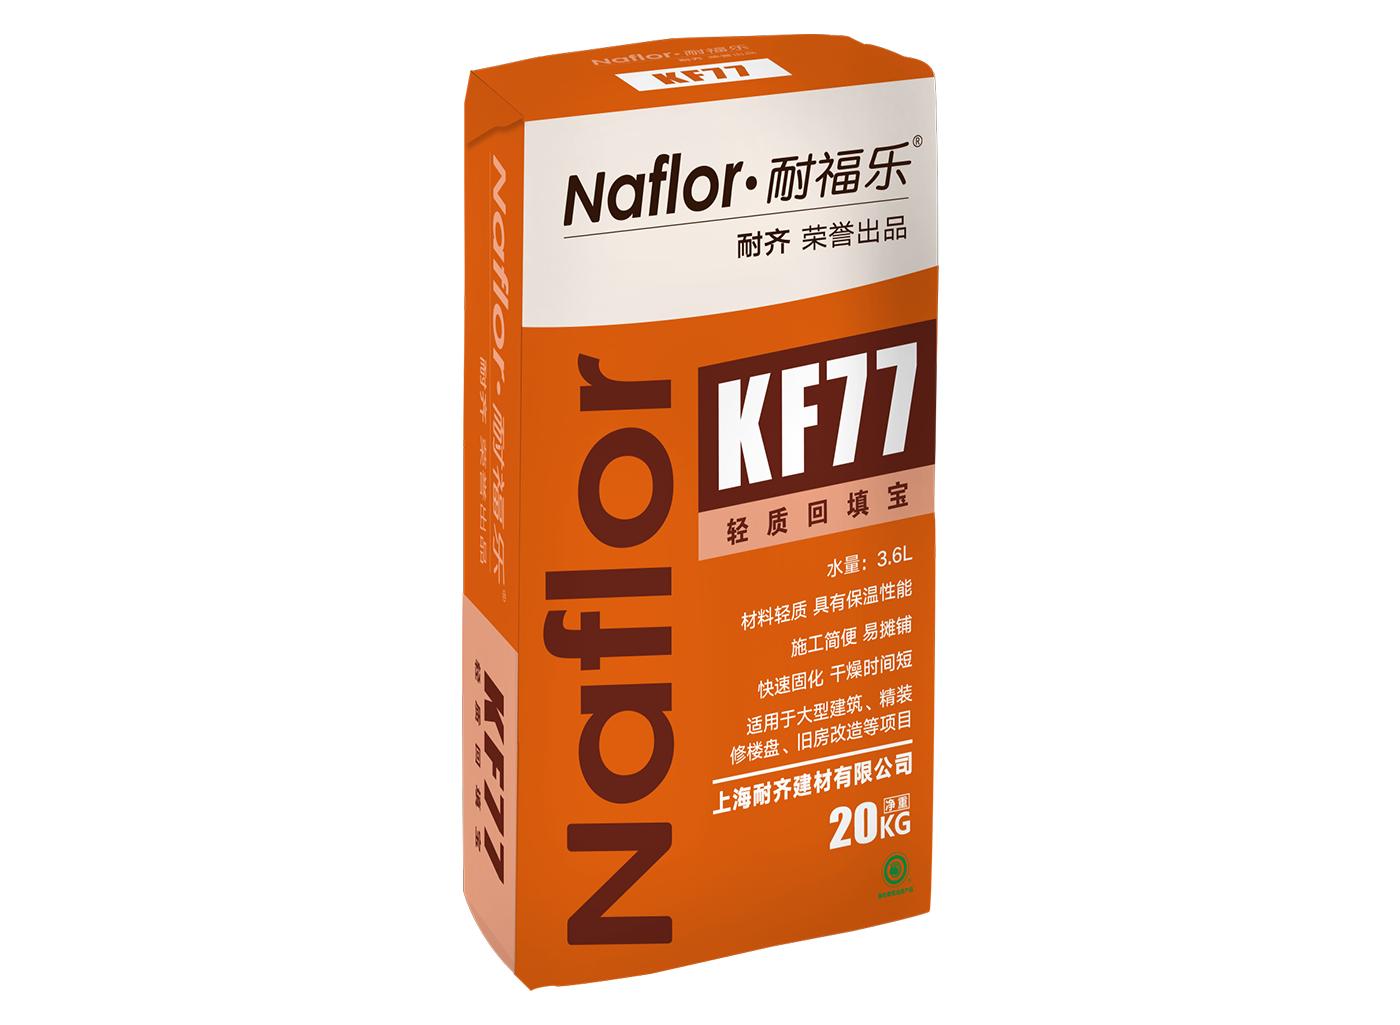 耐福乐® 轻质回填宝 KF77